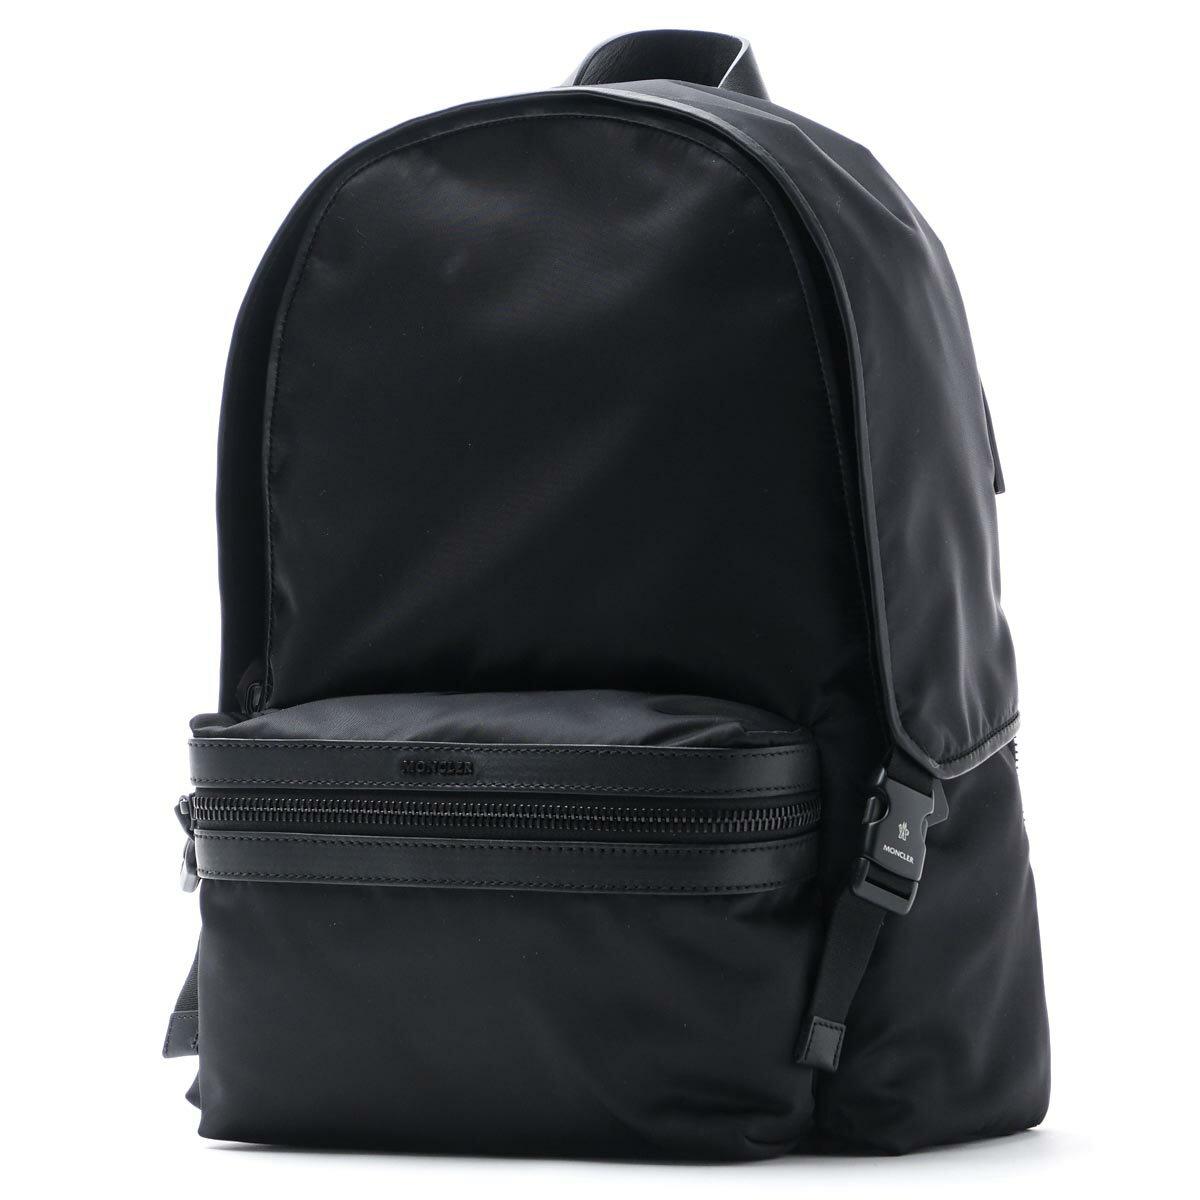 モンクレール MONCLER バックパック リュック NEW ROMEO BLACK ブラック系 new romeo 0061400 04592 999 メンズ【ラッピング無料】【返品送料無料】【170412】【あす楽対応_関東】:モダンブルー